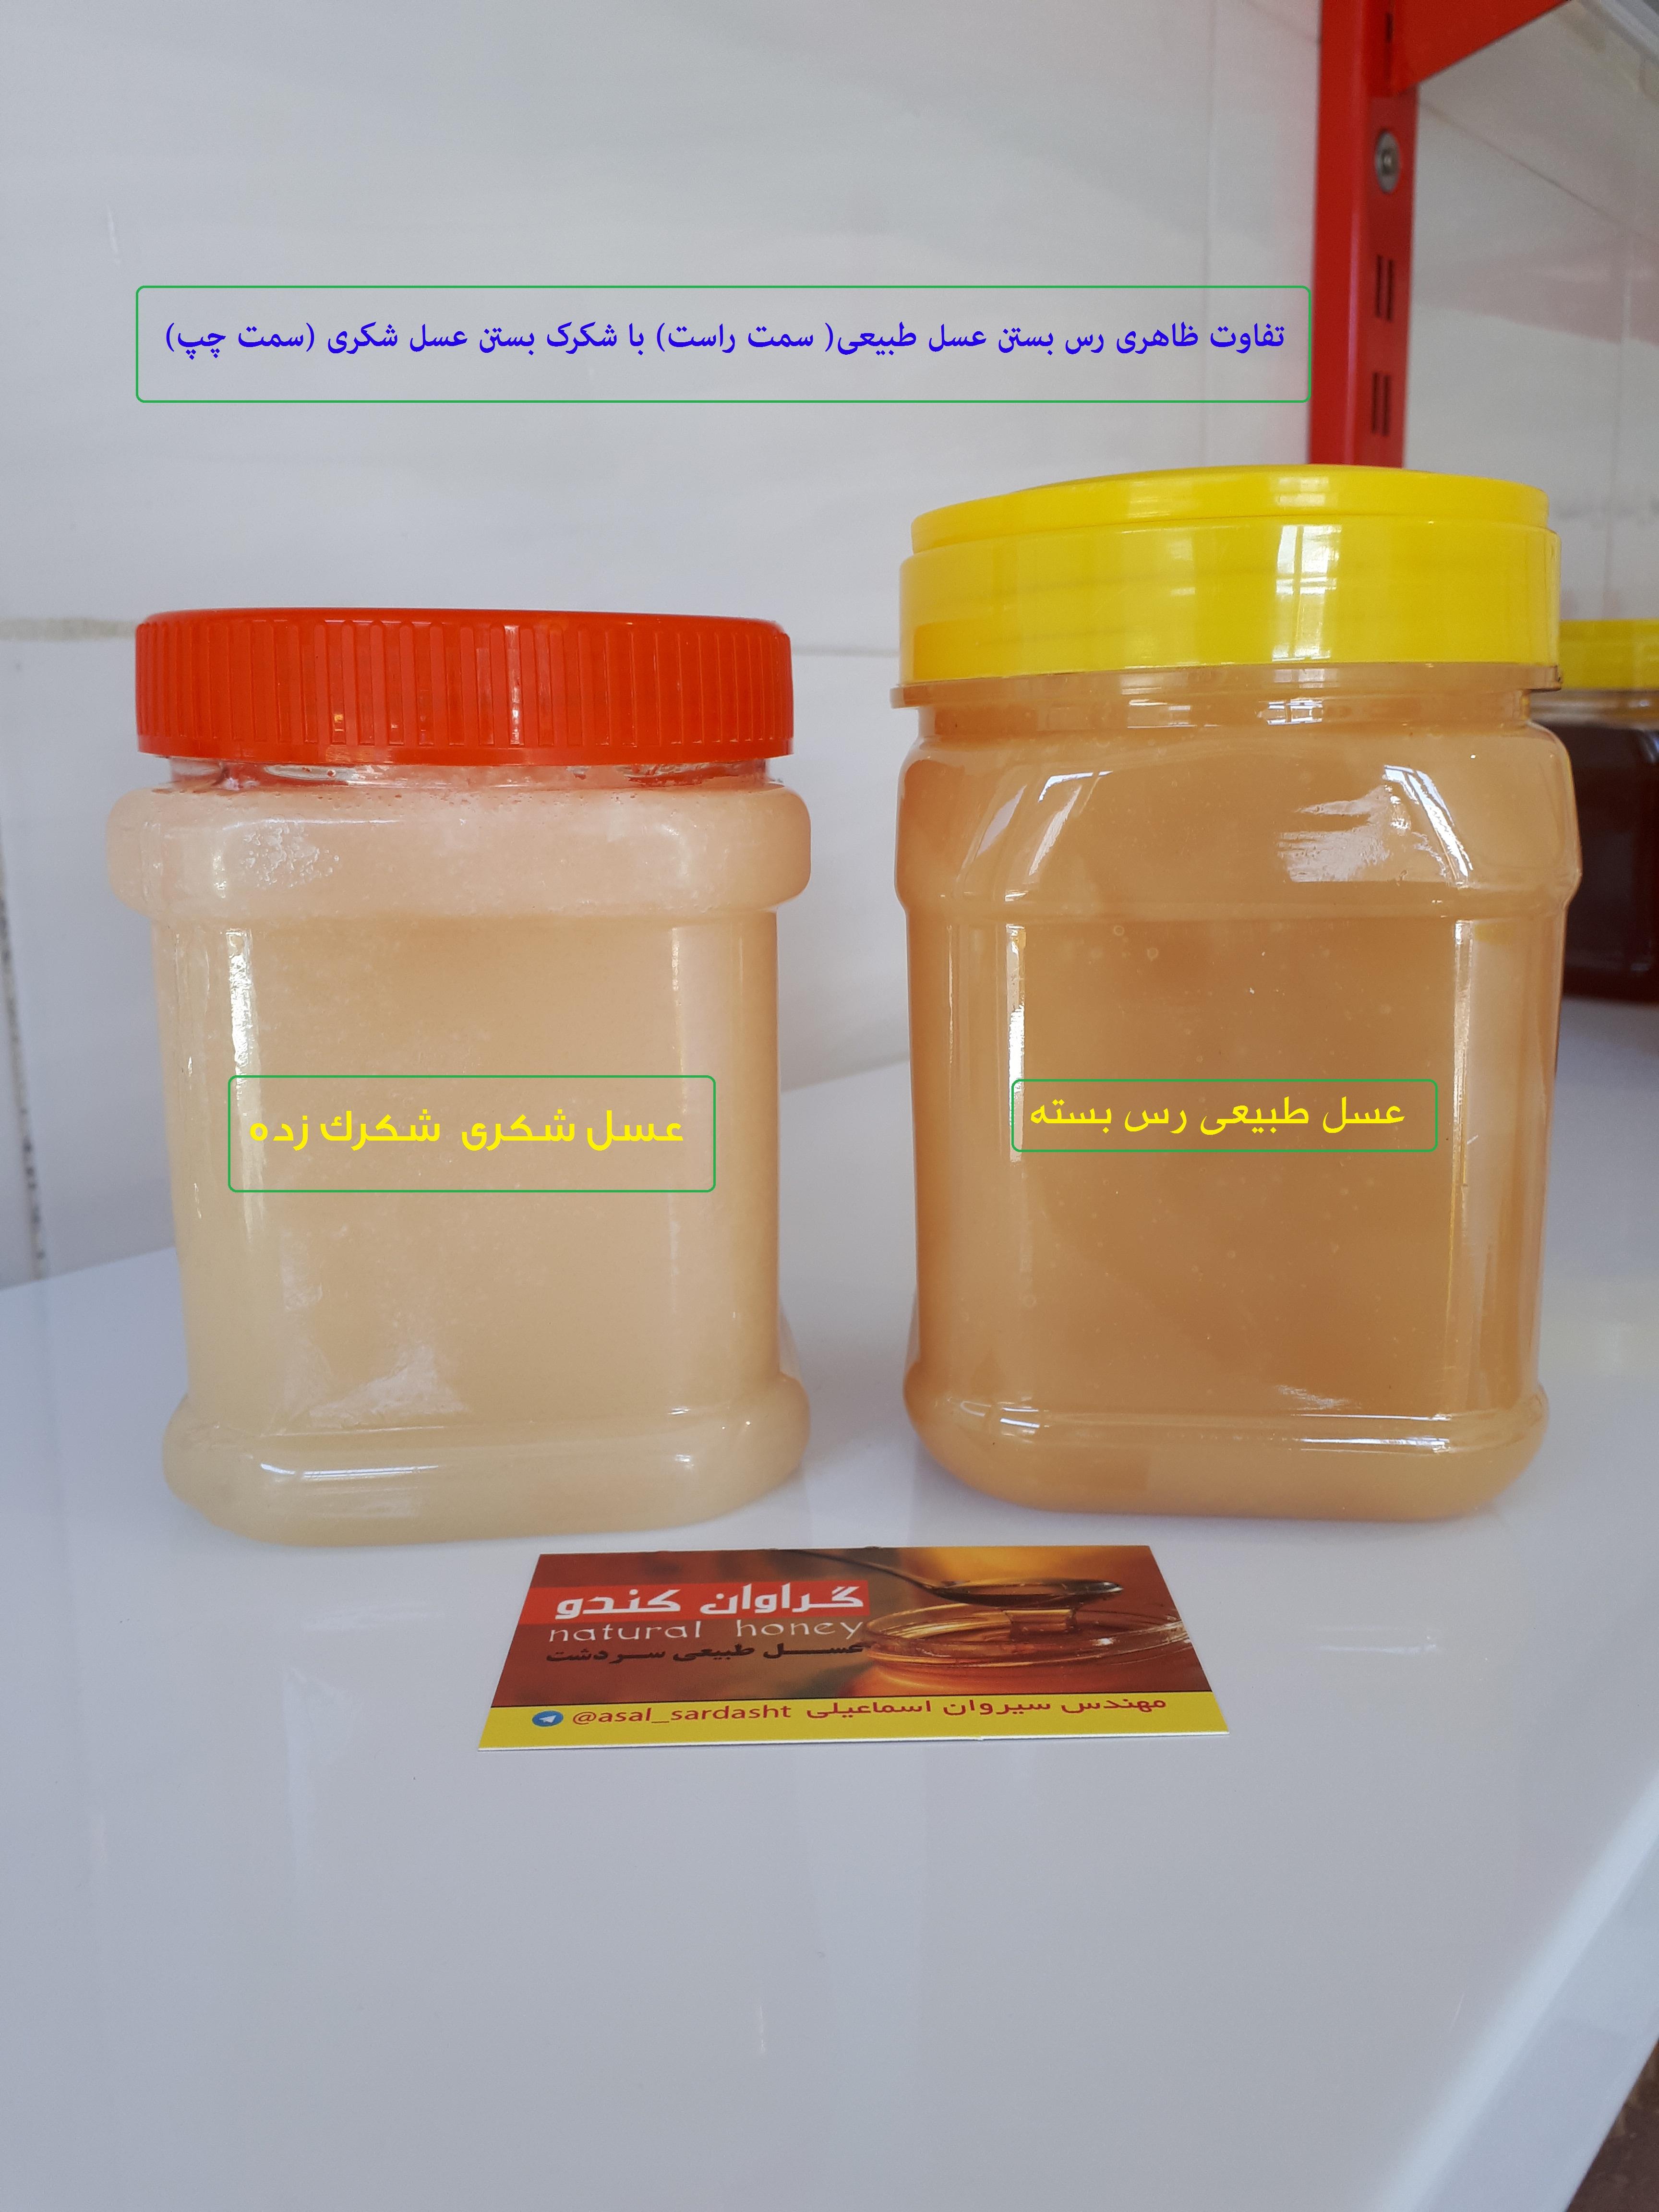 آیا عسل طبیعی شکرک می زند؟!